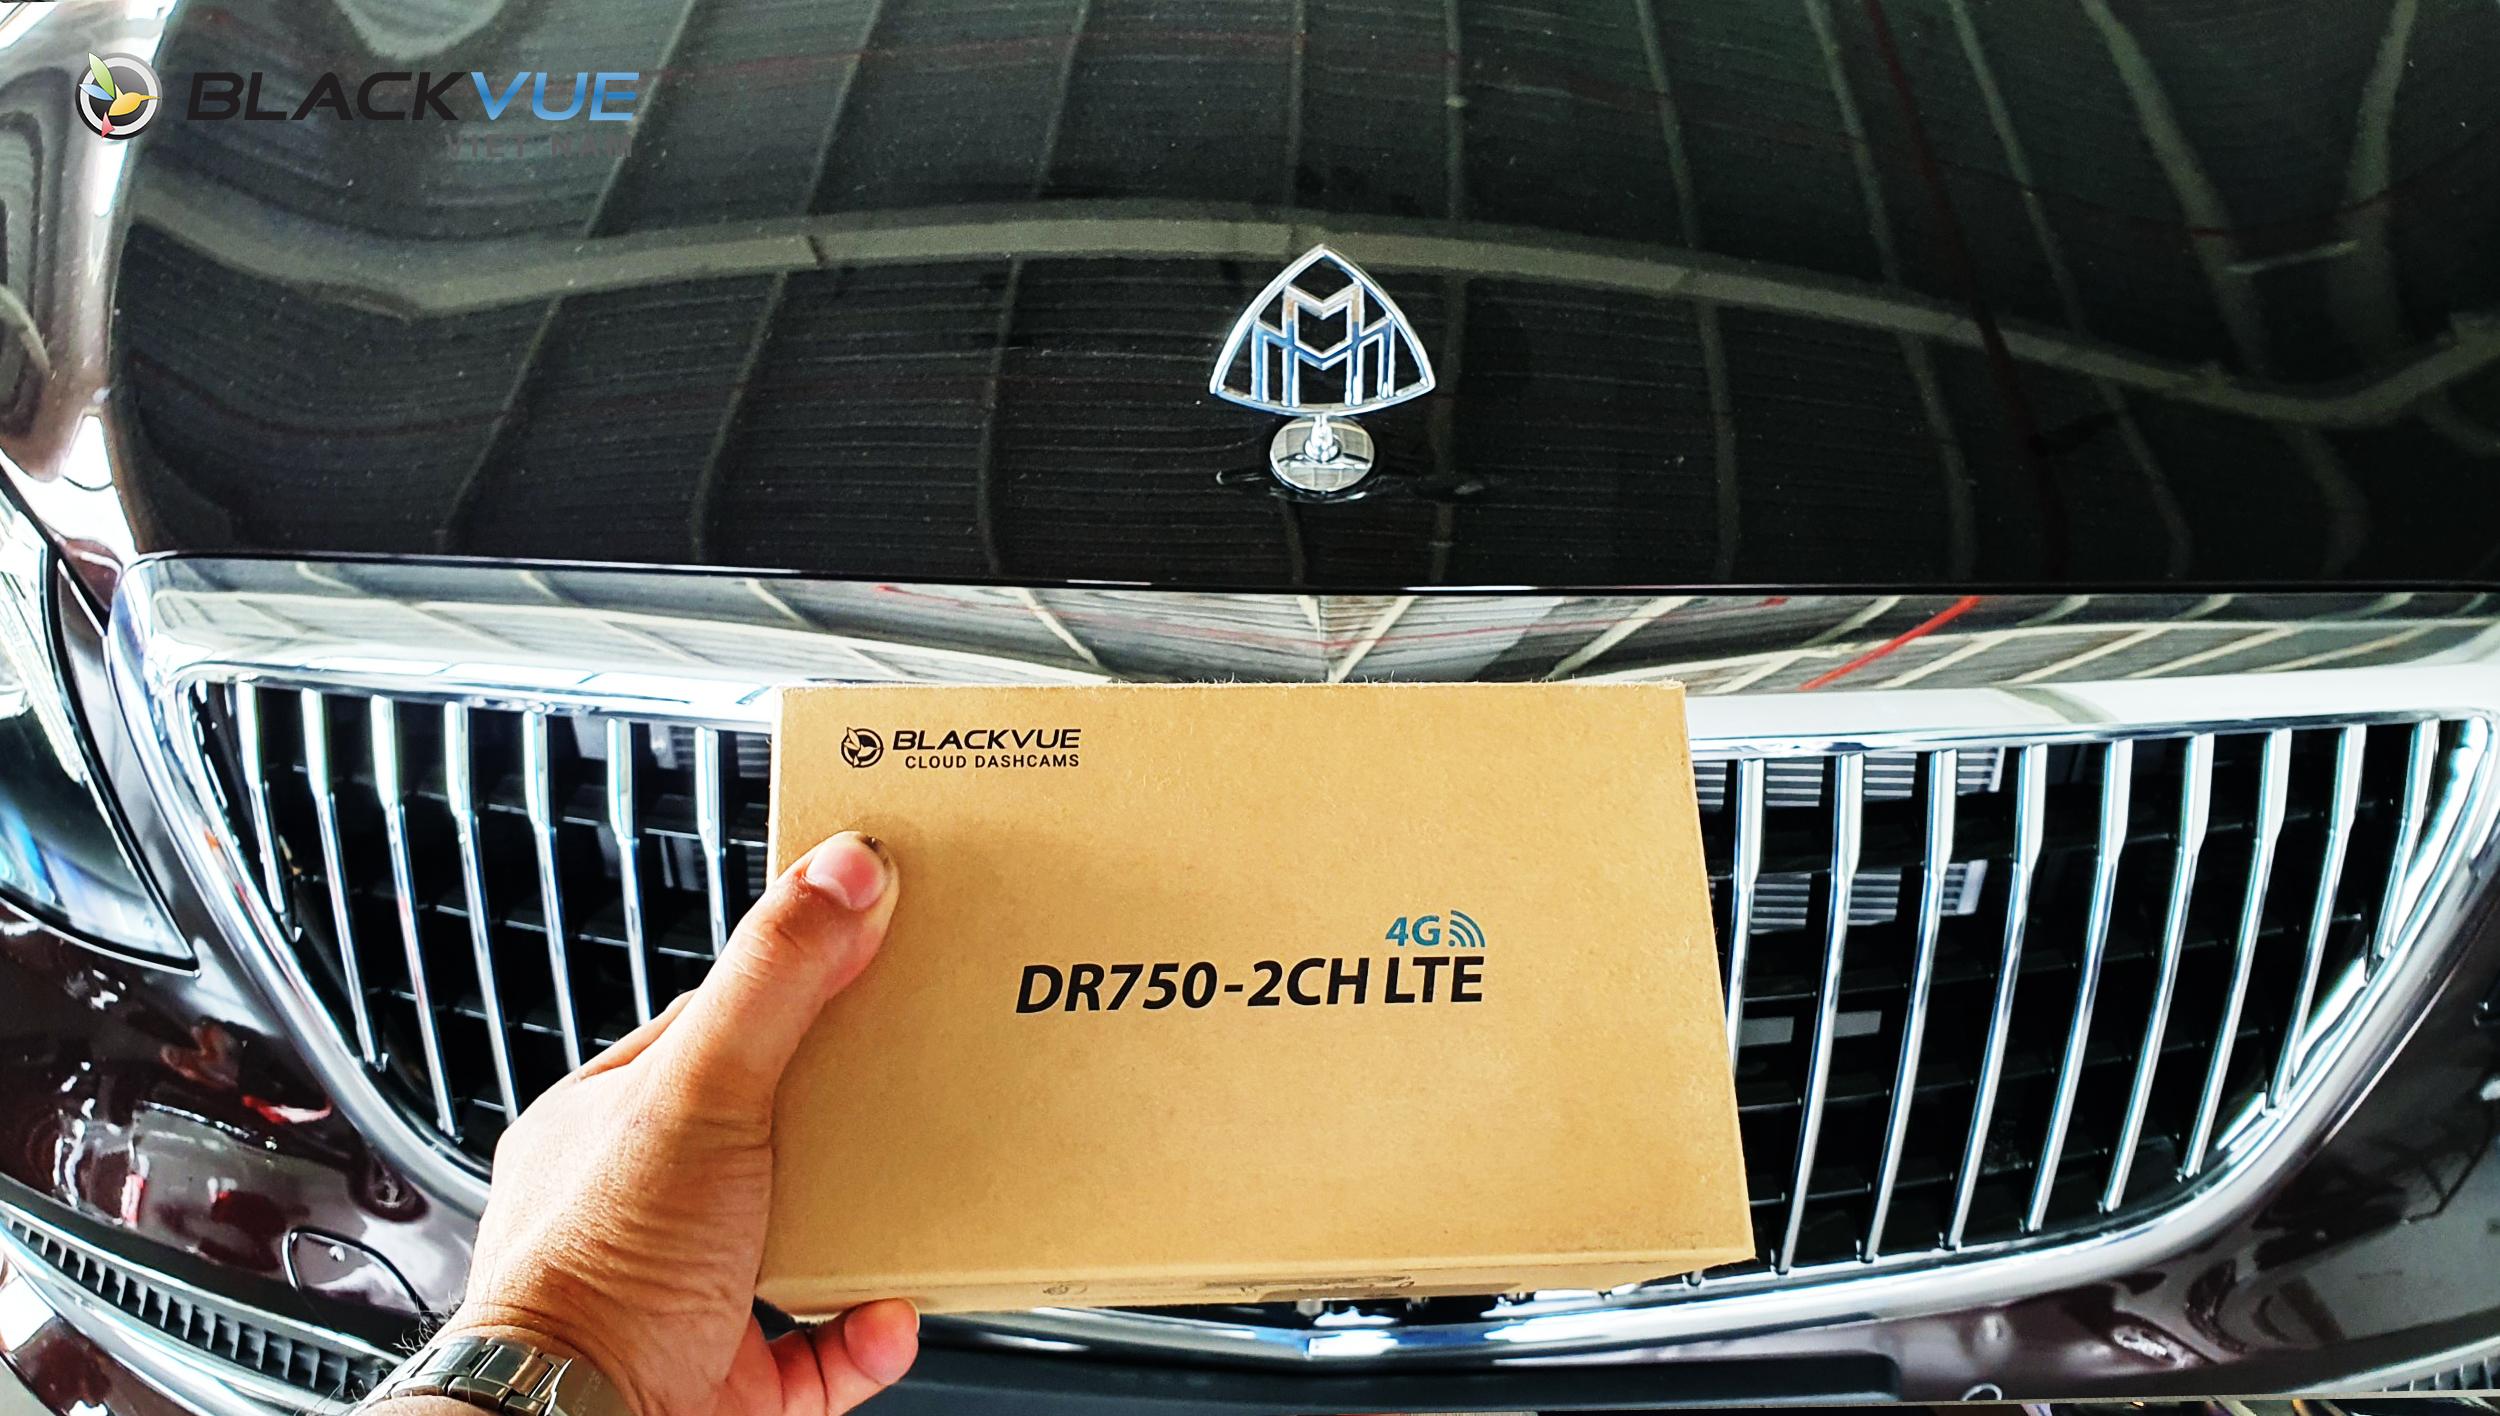 z2082935093225 b9405a4afe94091da0cb23fb27adcf05 - Blackvue DR750-2CH LTE - Thiết kế mới nâng tầm tiện nghi